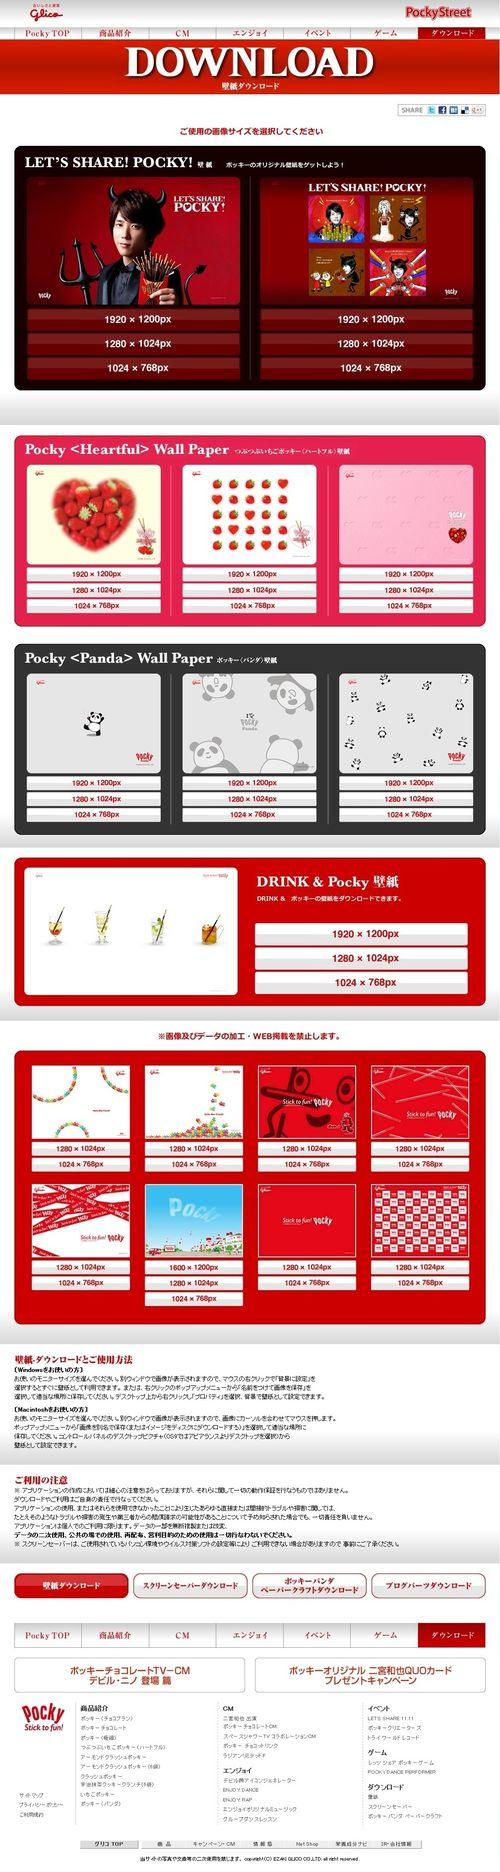 2012.10.01 PUBLICITE POCKY 18